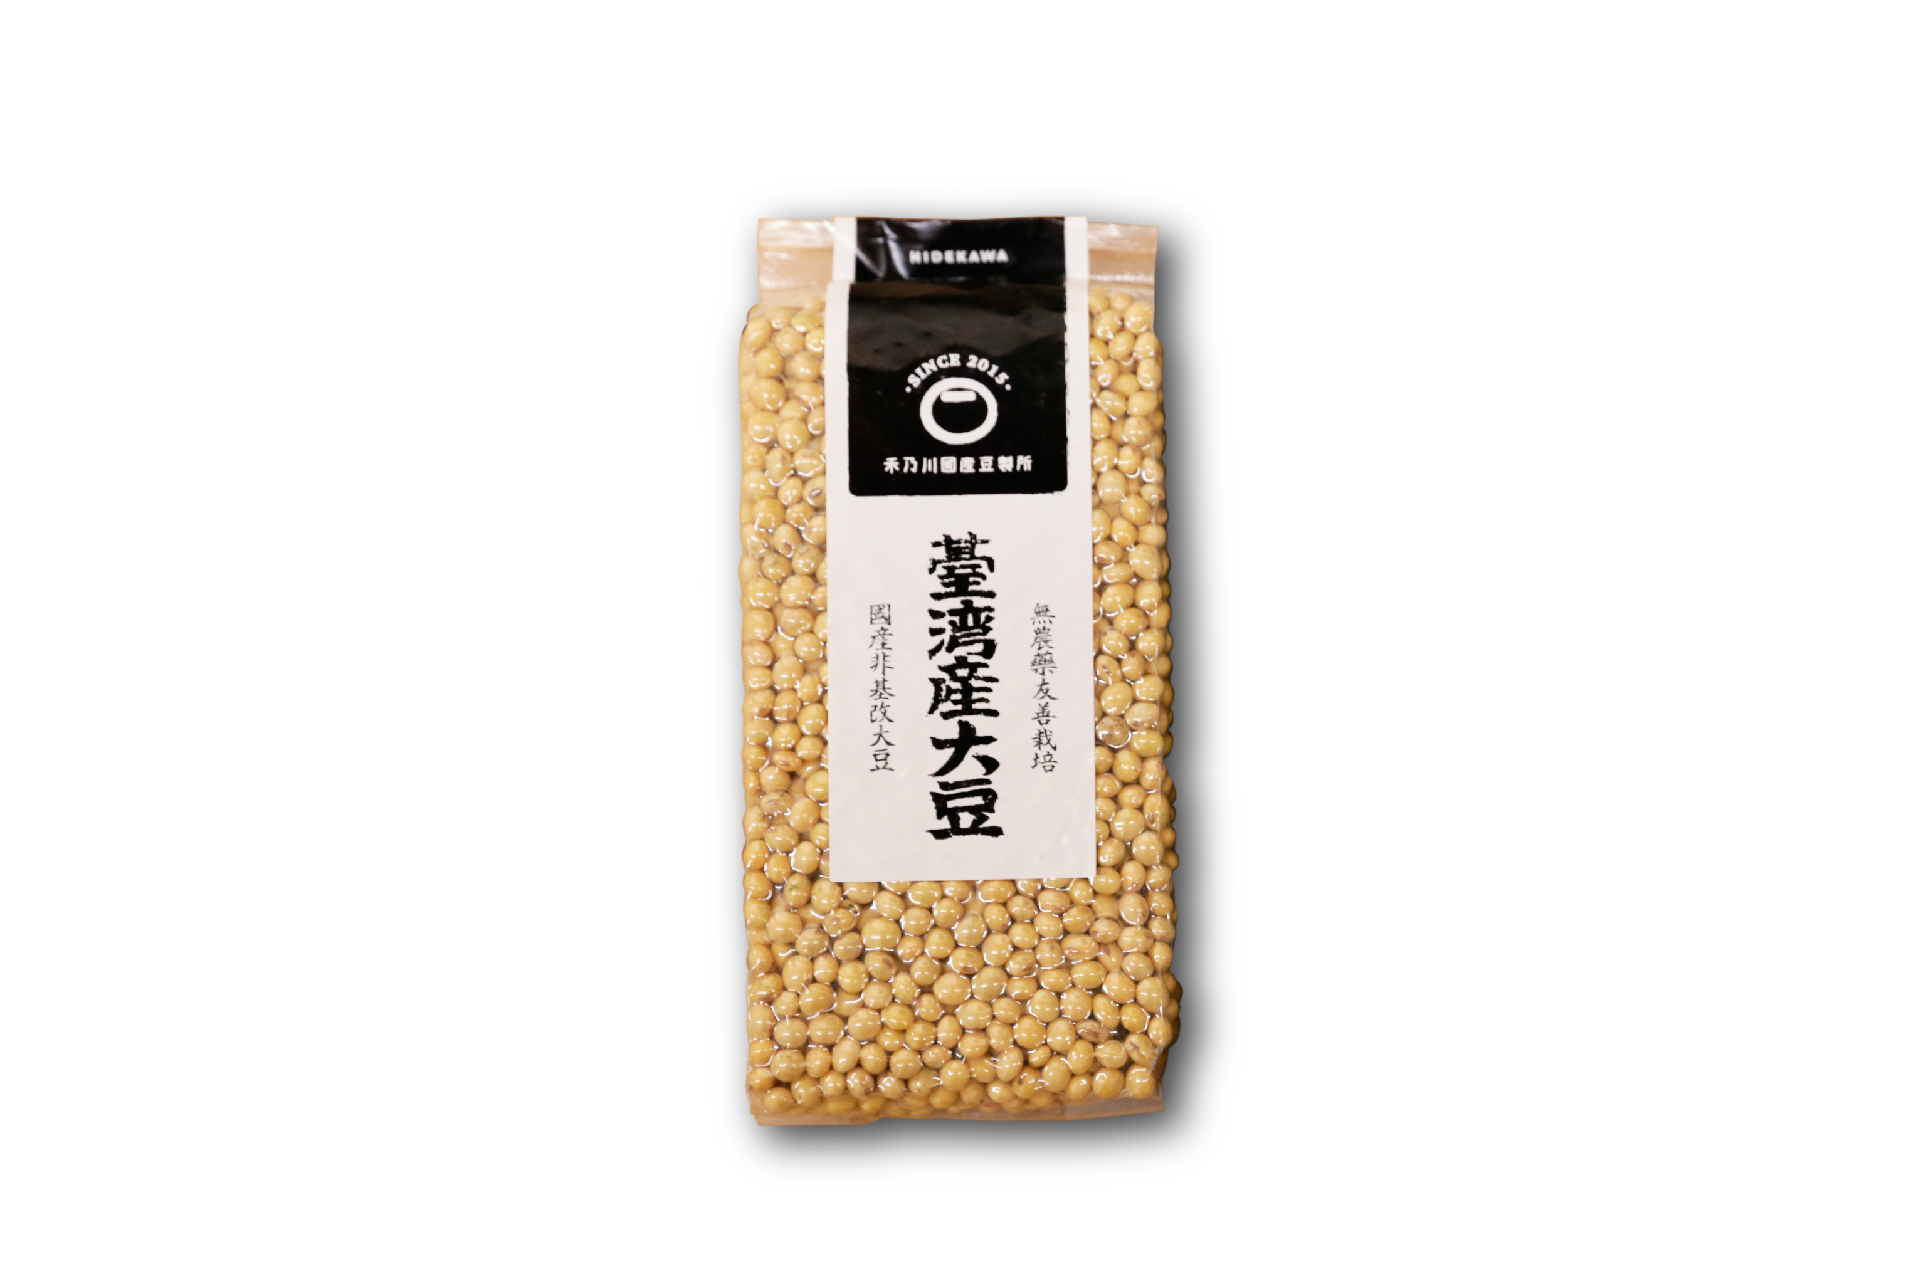 國產生黃豆 - 非基改無毒耕種 | 禾乃川國產豆製所 | 改變生命的豆漿店